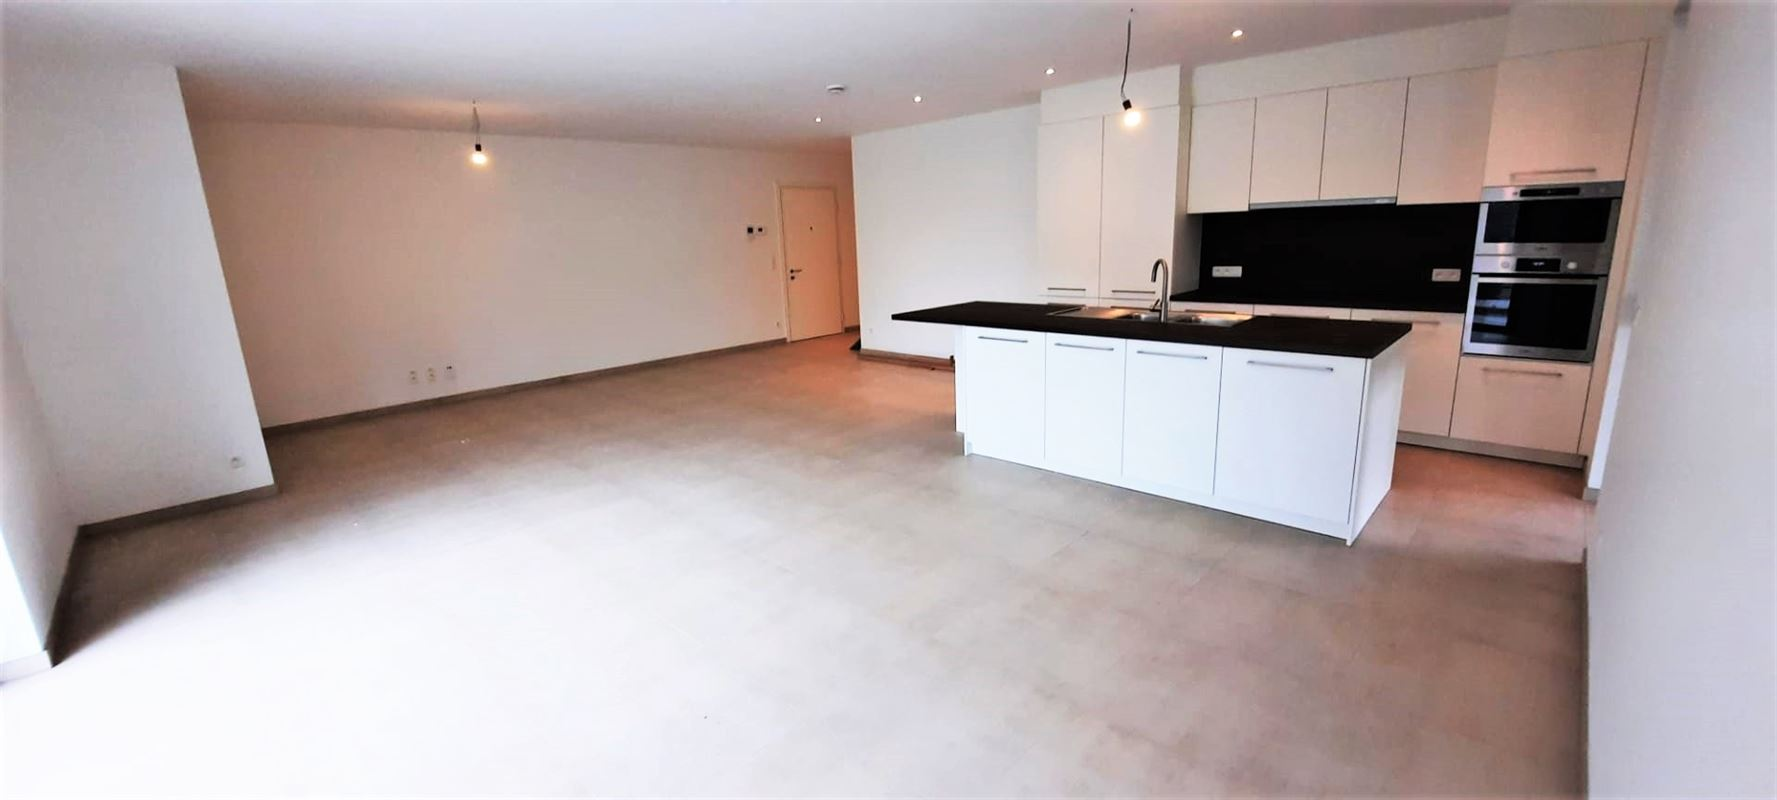 Foto 3 : Appartement te 2820 BONHEIDEN (België) - Prijs € 995